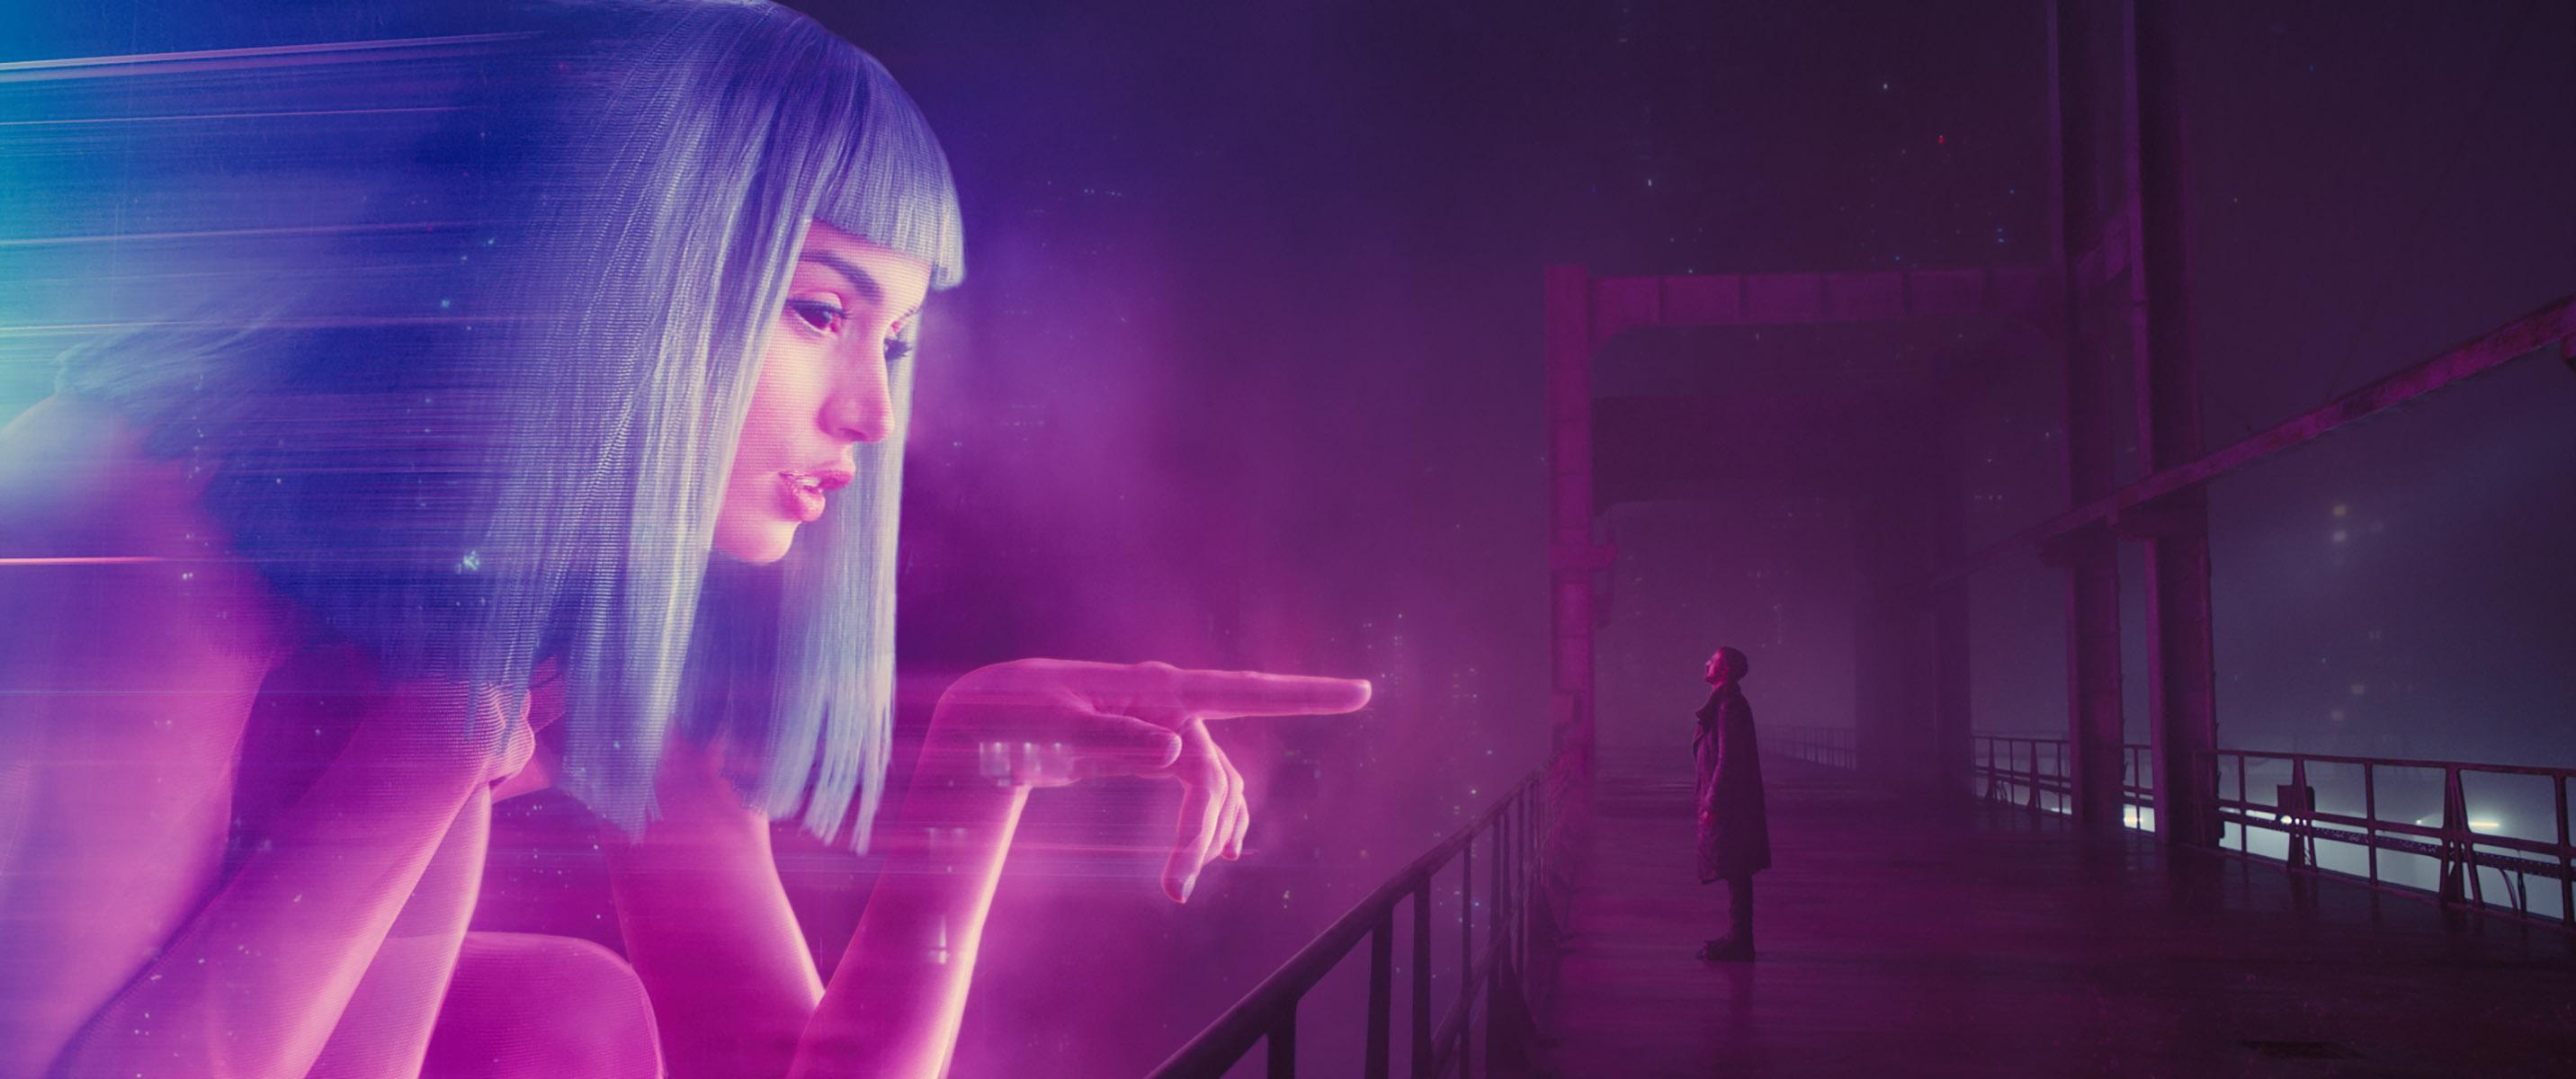 Blade Runner 2049 : retour sur 5 questions irrésolues de l'intrigue